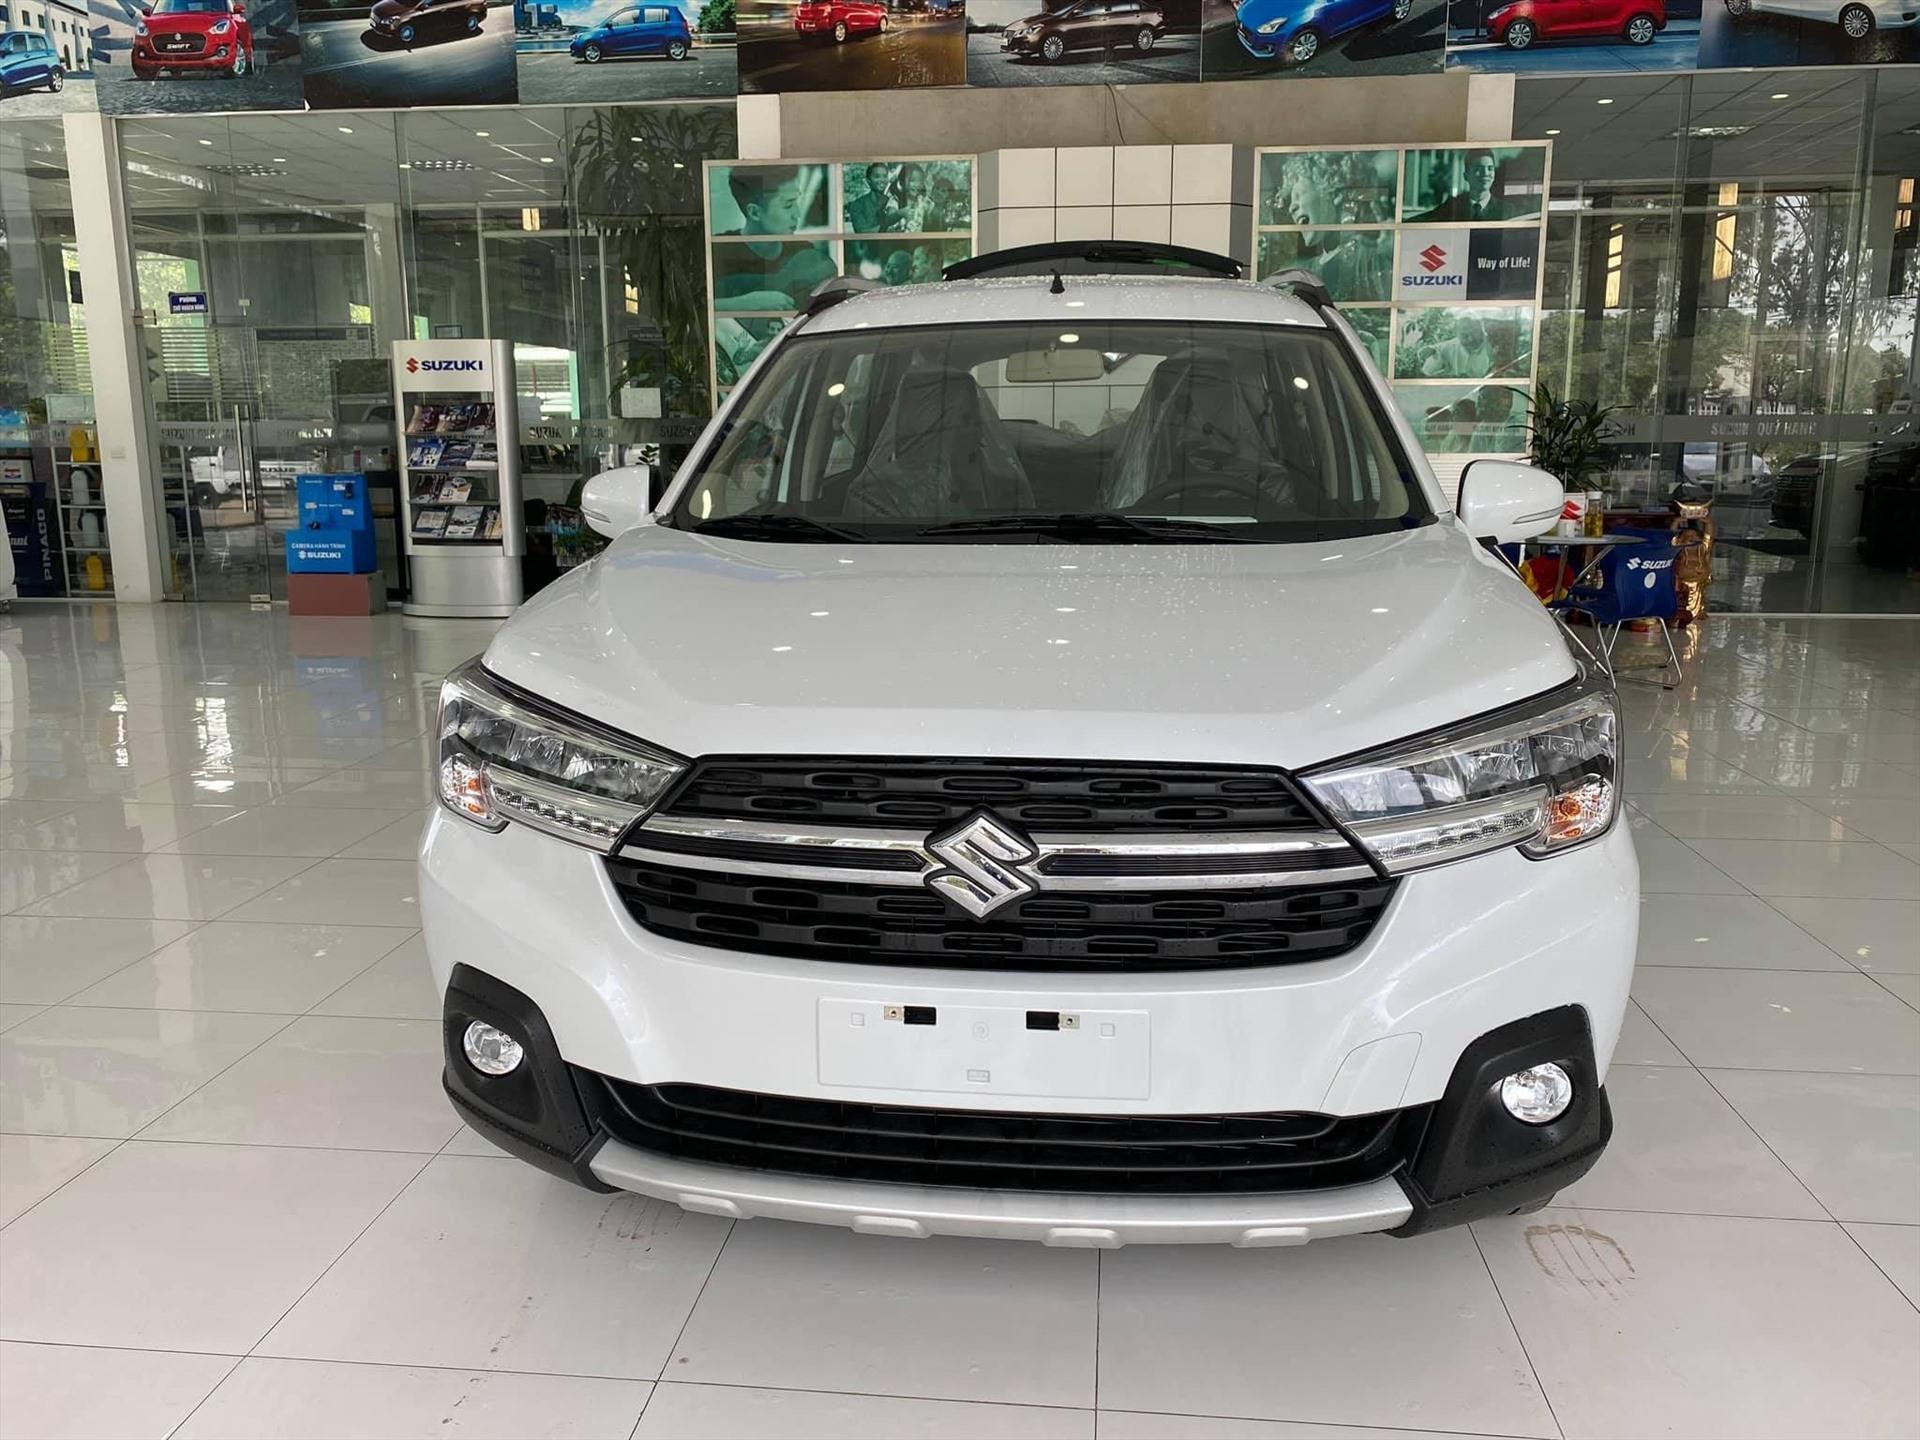 Suzuki XL7 sở hữu một diện mạo hoàn toàn mới với thiết kế hầm hố đặc trưng của một chiếc SUV gầm cao. Ảnh: Trang Hoài